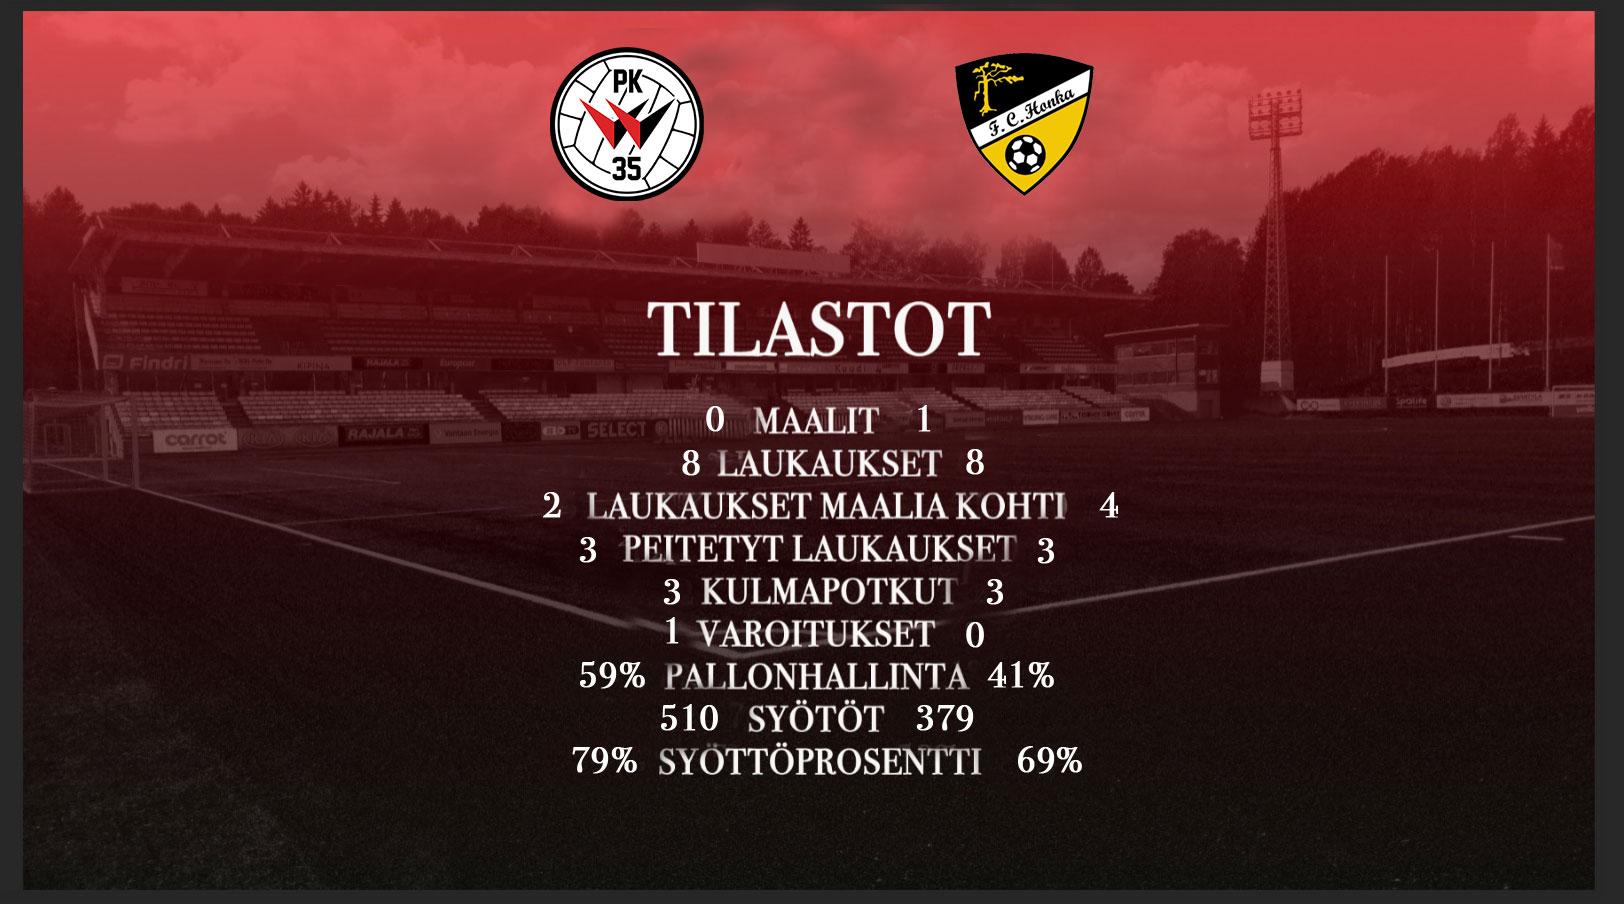 Tilastokatsaus: PK-35 Vantaa – FC Honka 0-1 (0-0)